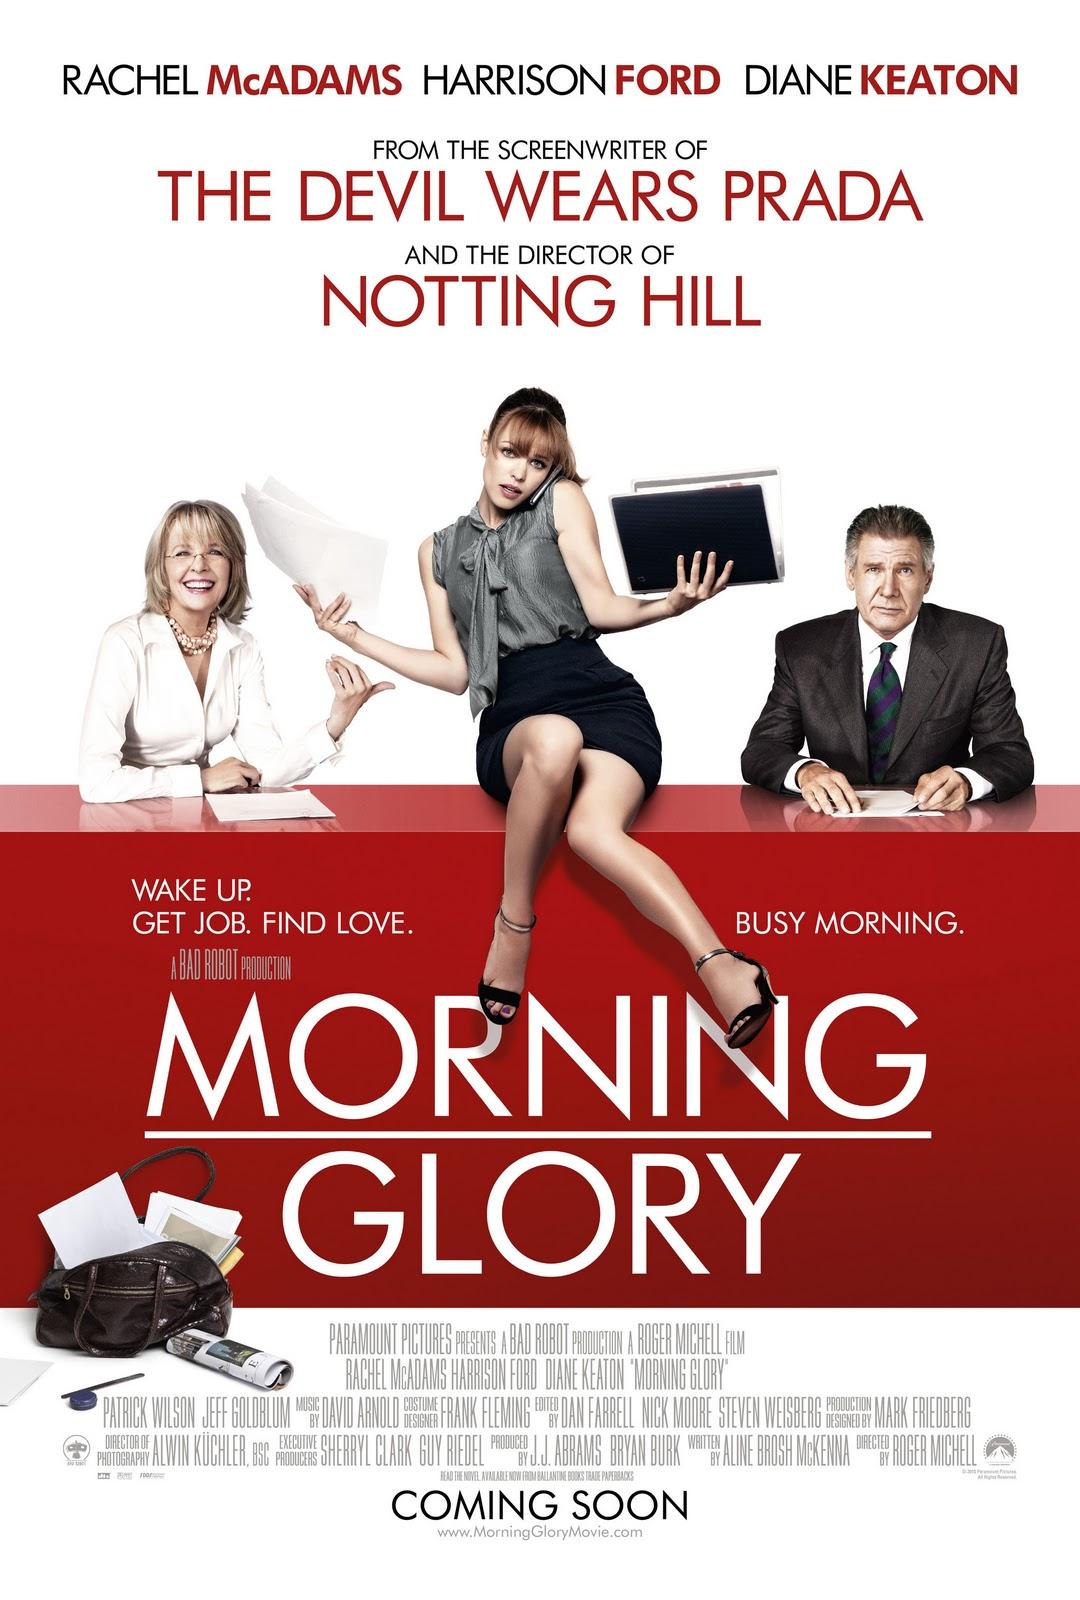 http://2.bp.blogspot.com/-c5NqEKe5fsQ/TY_n9CGVnYI/AAAAAAAAJ1Q/-wyRCqnzjy0/s1600/Morning-Glory-UK-Poster.jpg